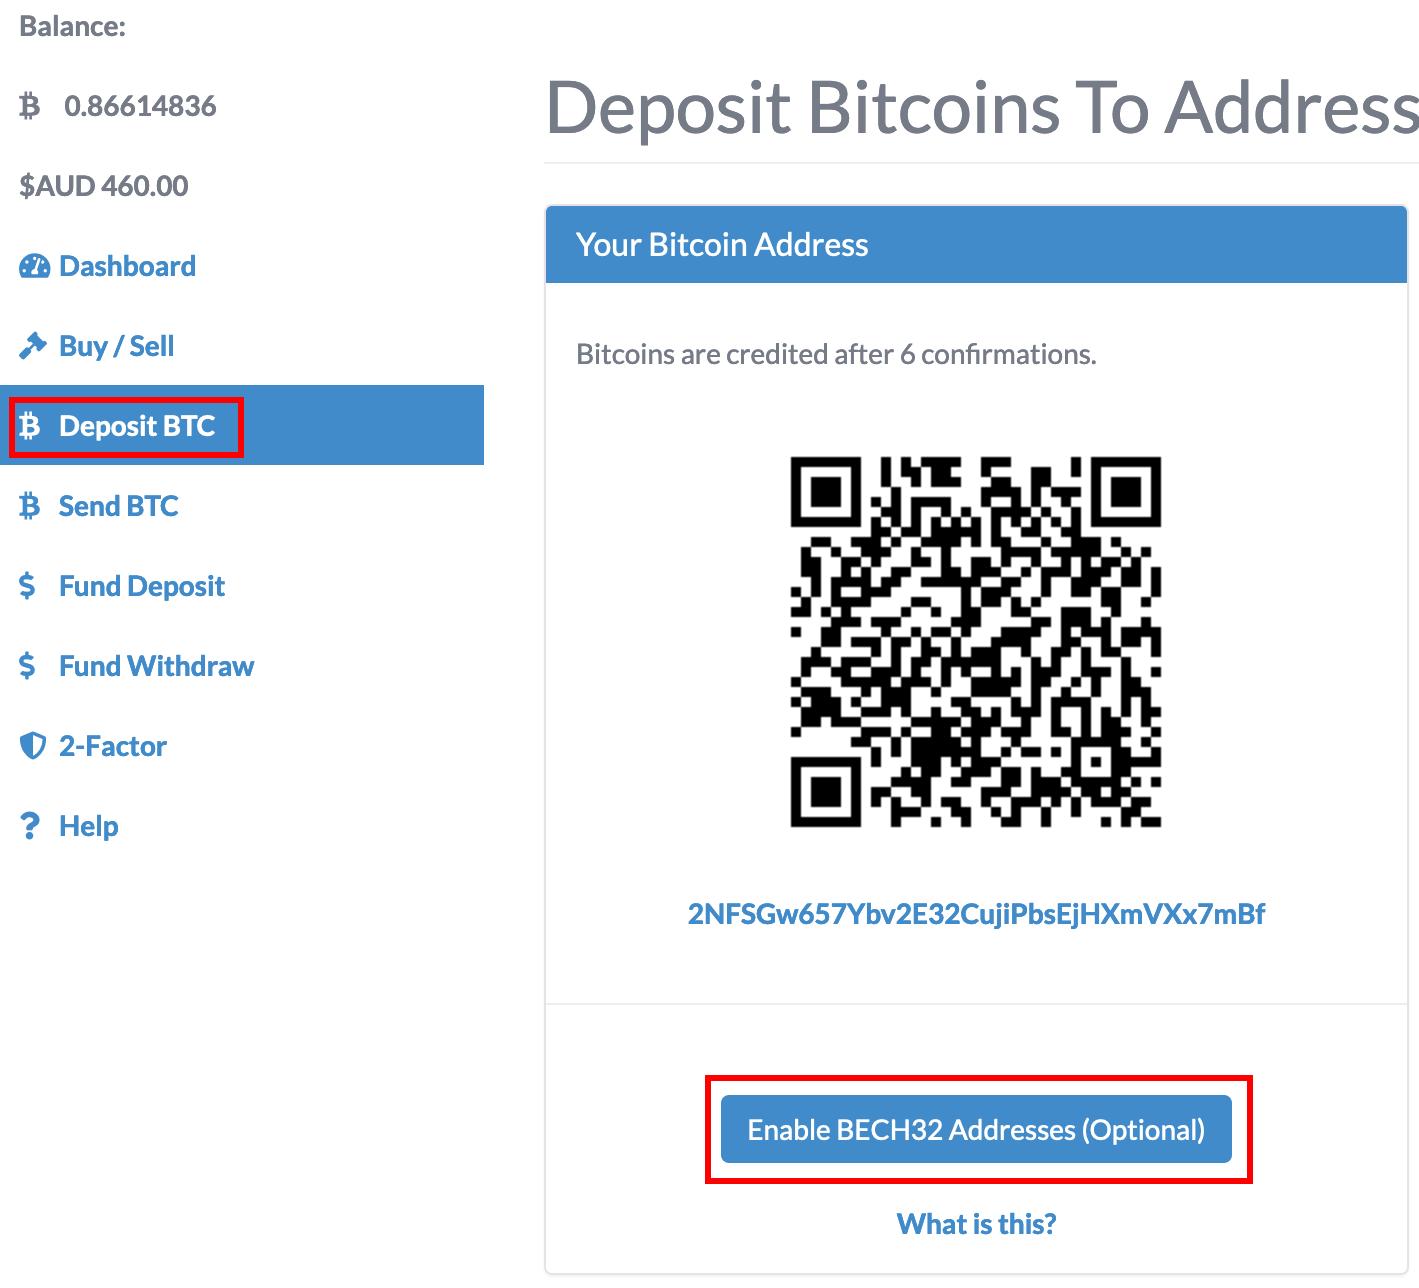 BECH32 Bitcoin address enable button